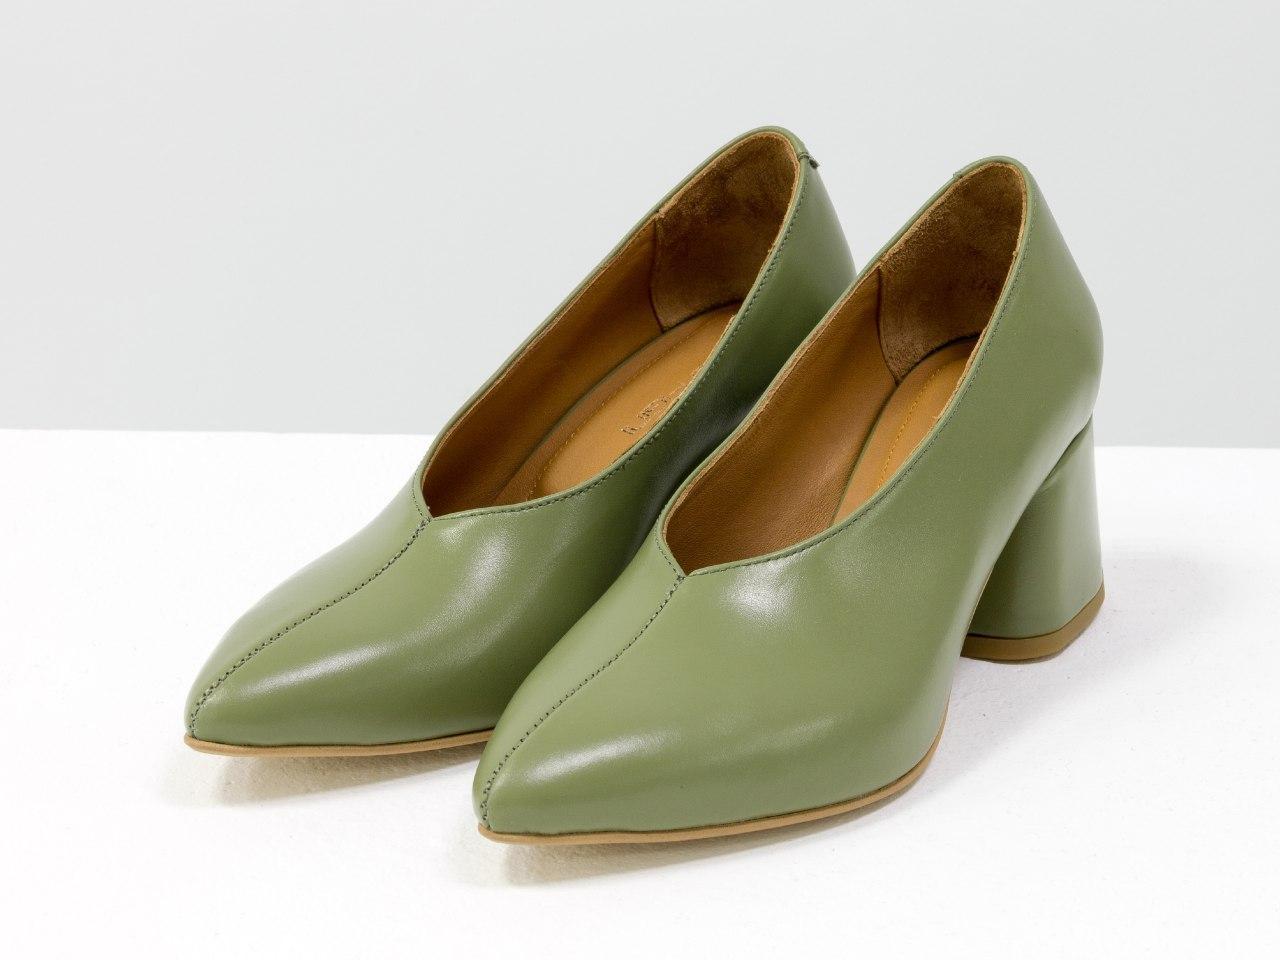 Туфли женские модные из кожи фисташкового цвета